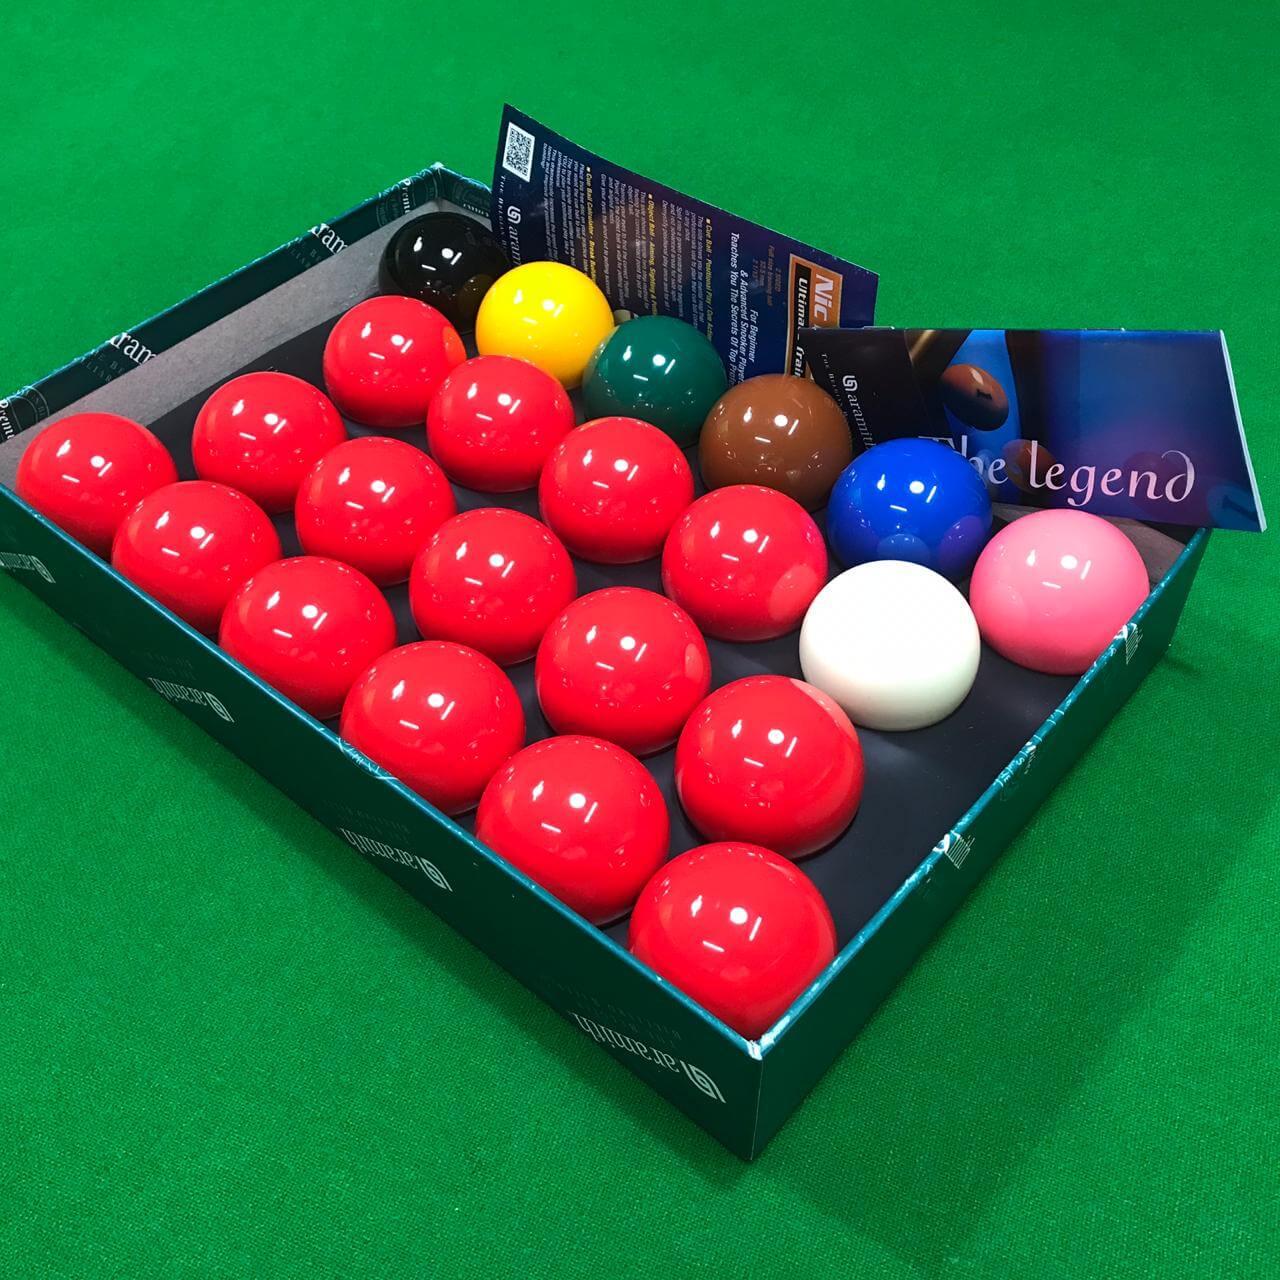 Jogo de bola Aramith premier 52,4 com 22 bolas